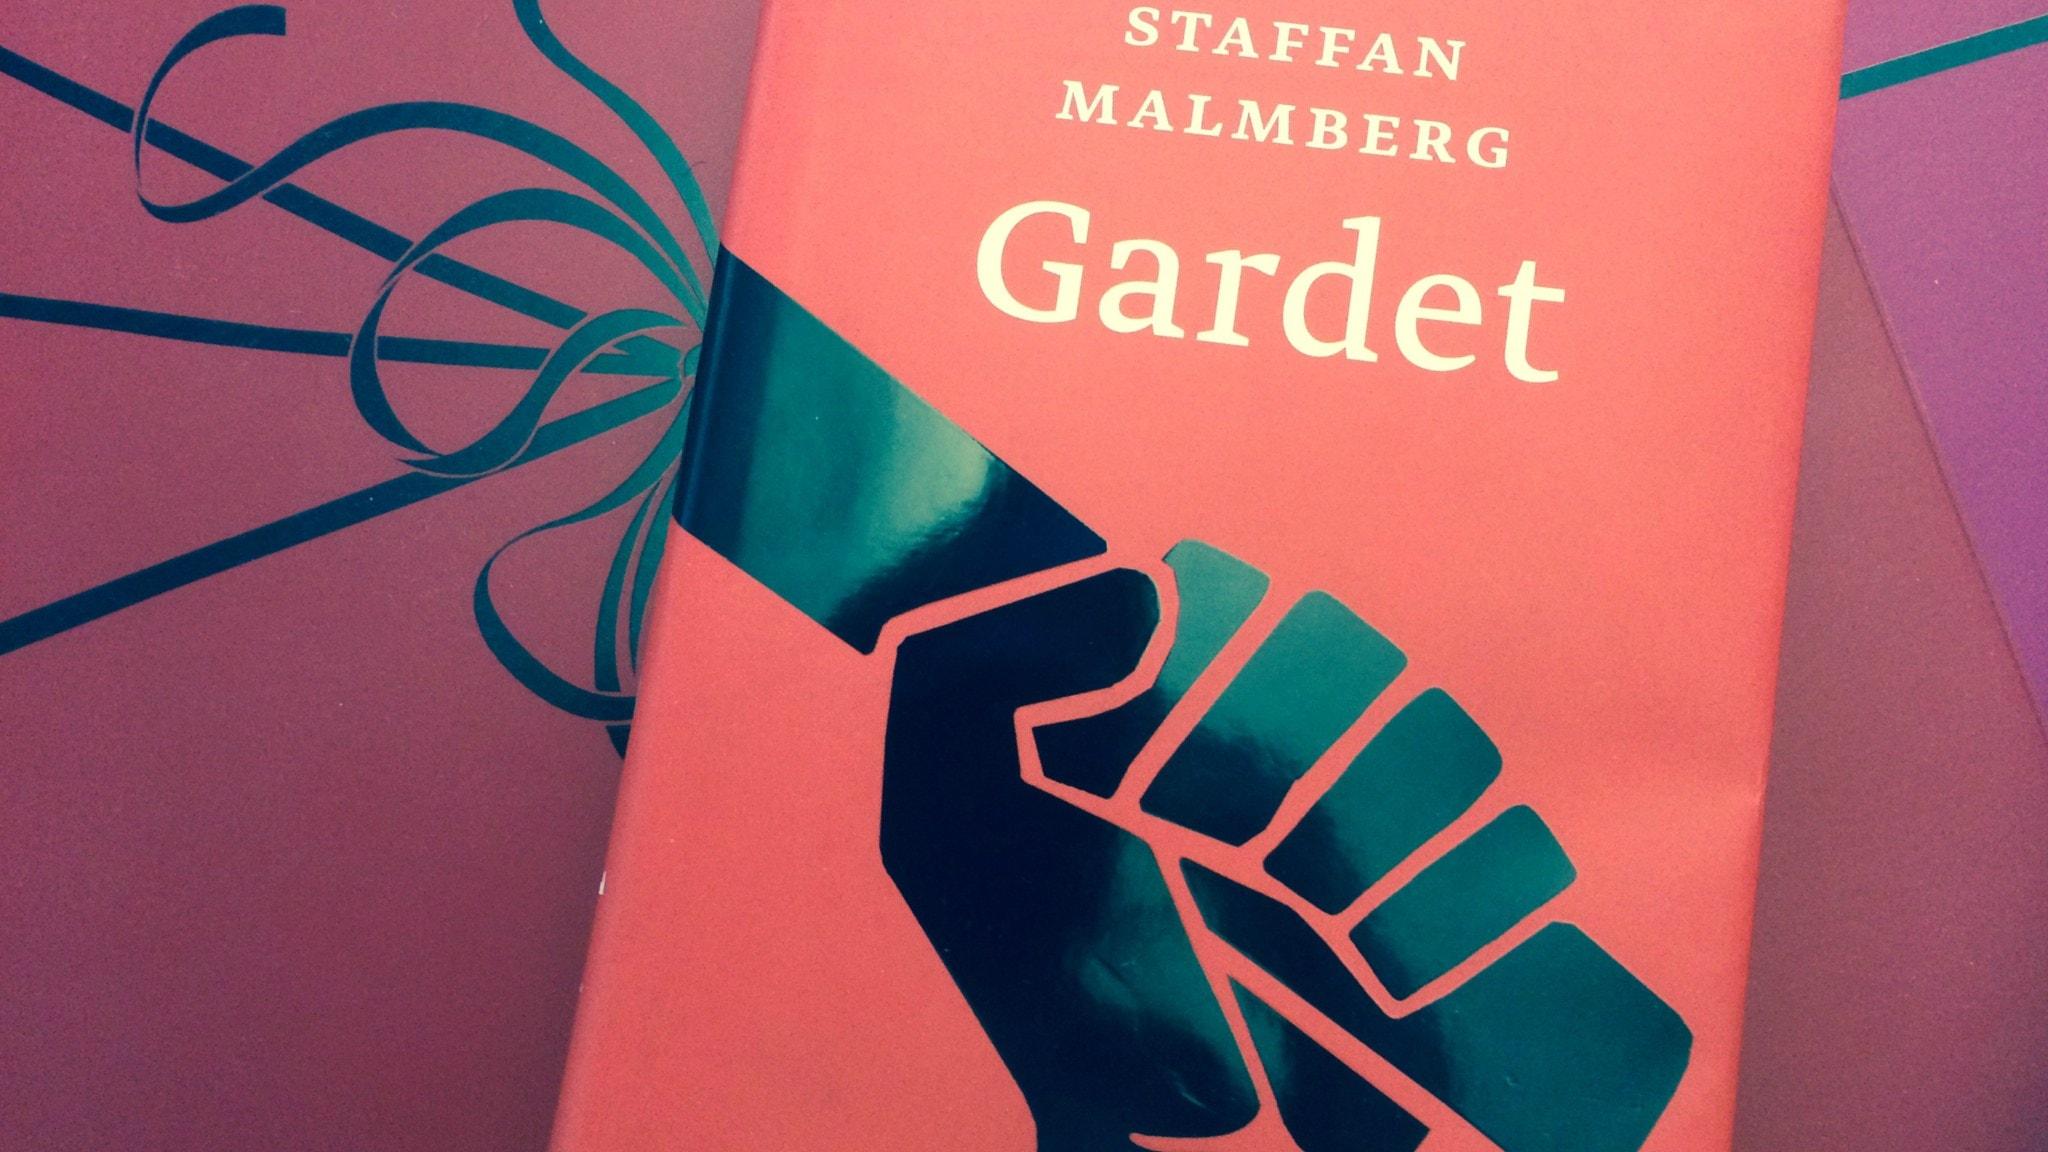 Romanprisjuryn diskuterar bok 1: Gardet av Staffan Malmberg